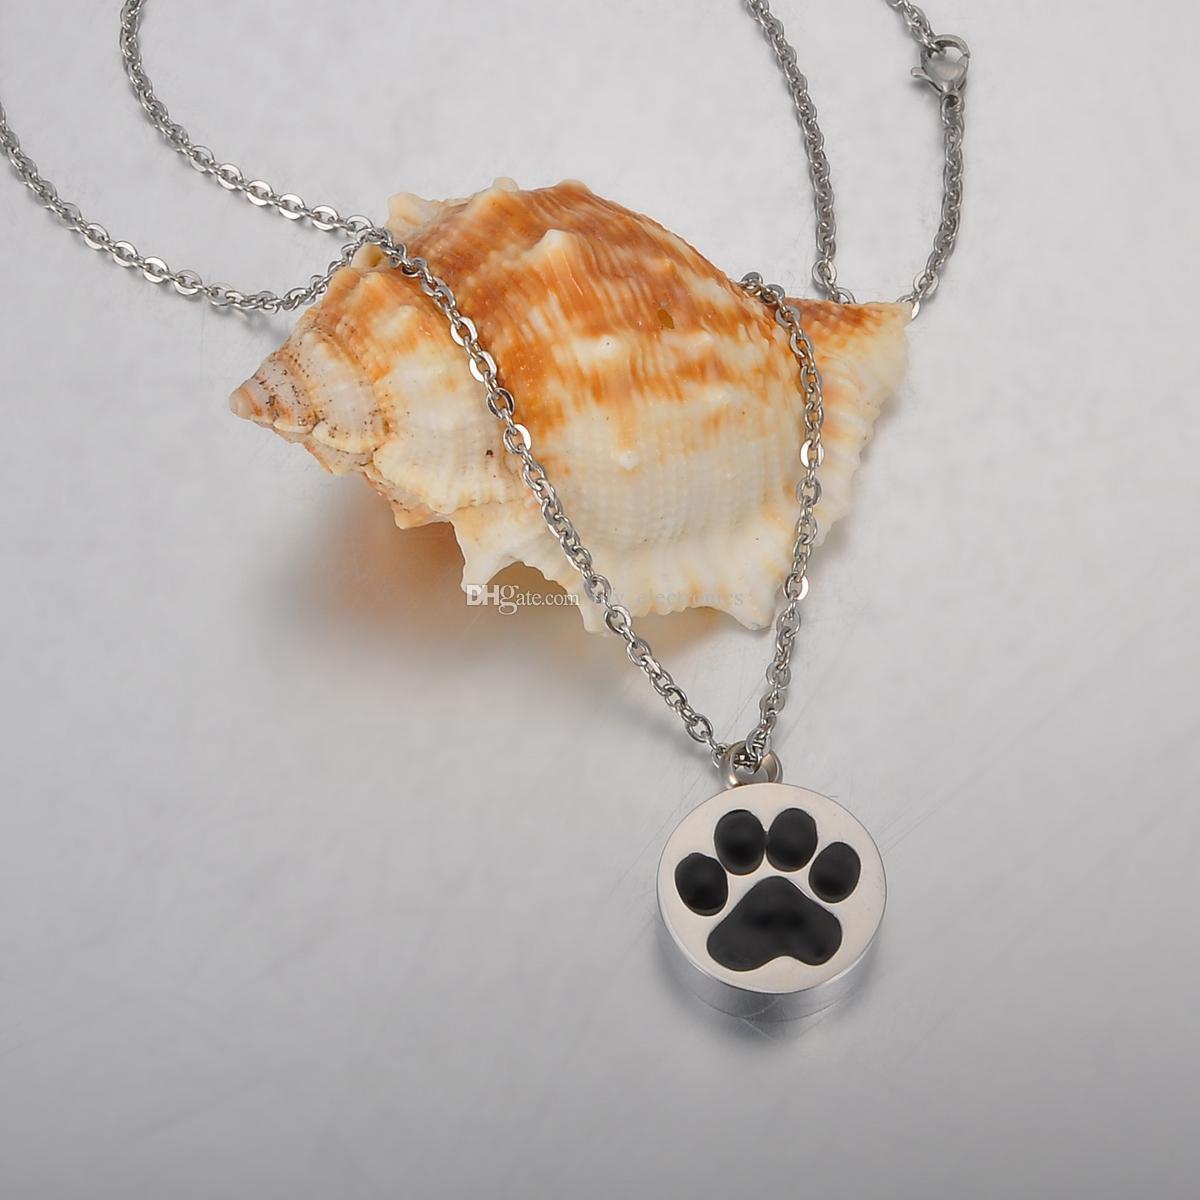 Lily acero inoxidable pegamento negro mascota perro pata ronda cremación joyería cenizas colgante recuerdo memorial collar de urna con bolsa y cadena de regalo